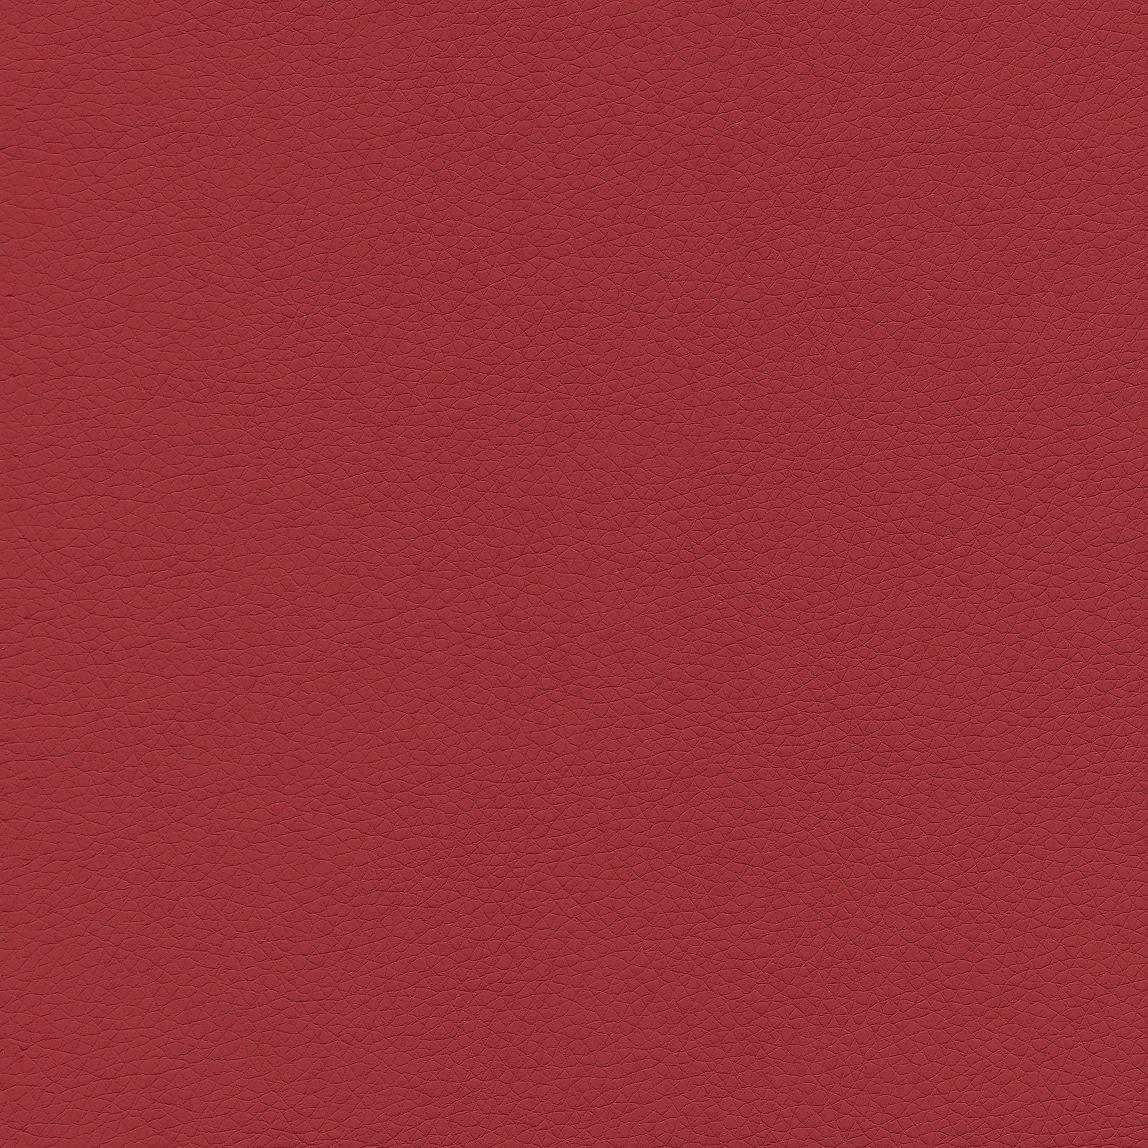 Contourett Red Swatch